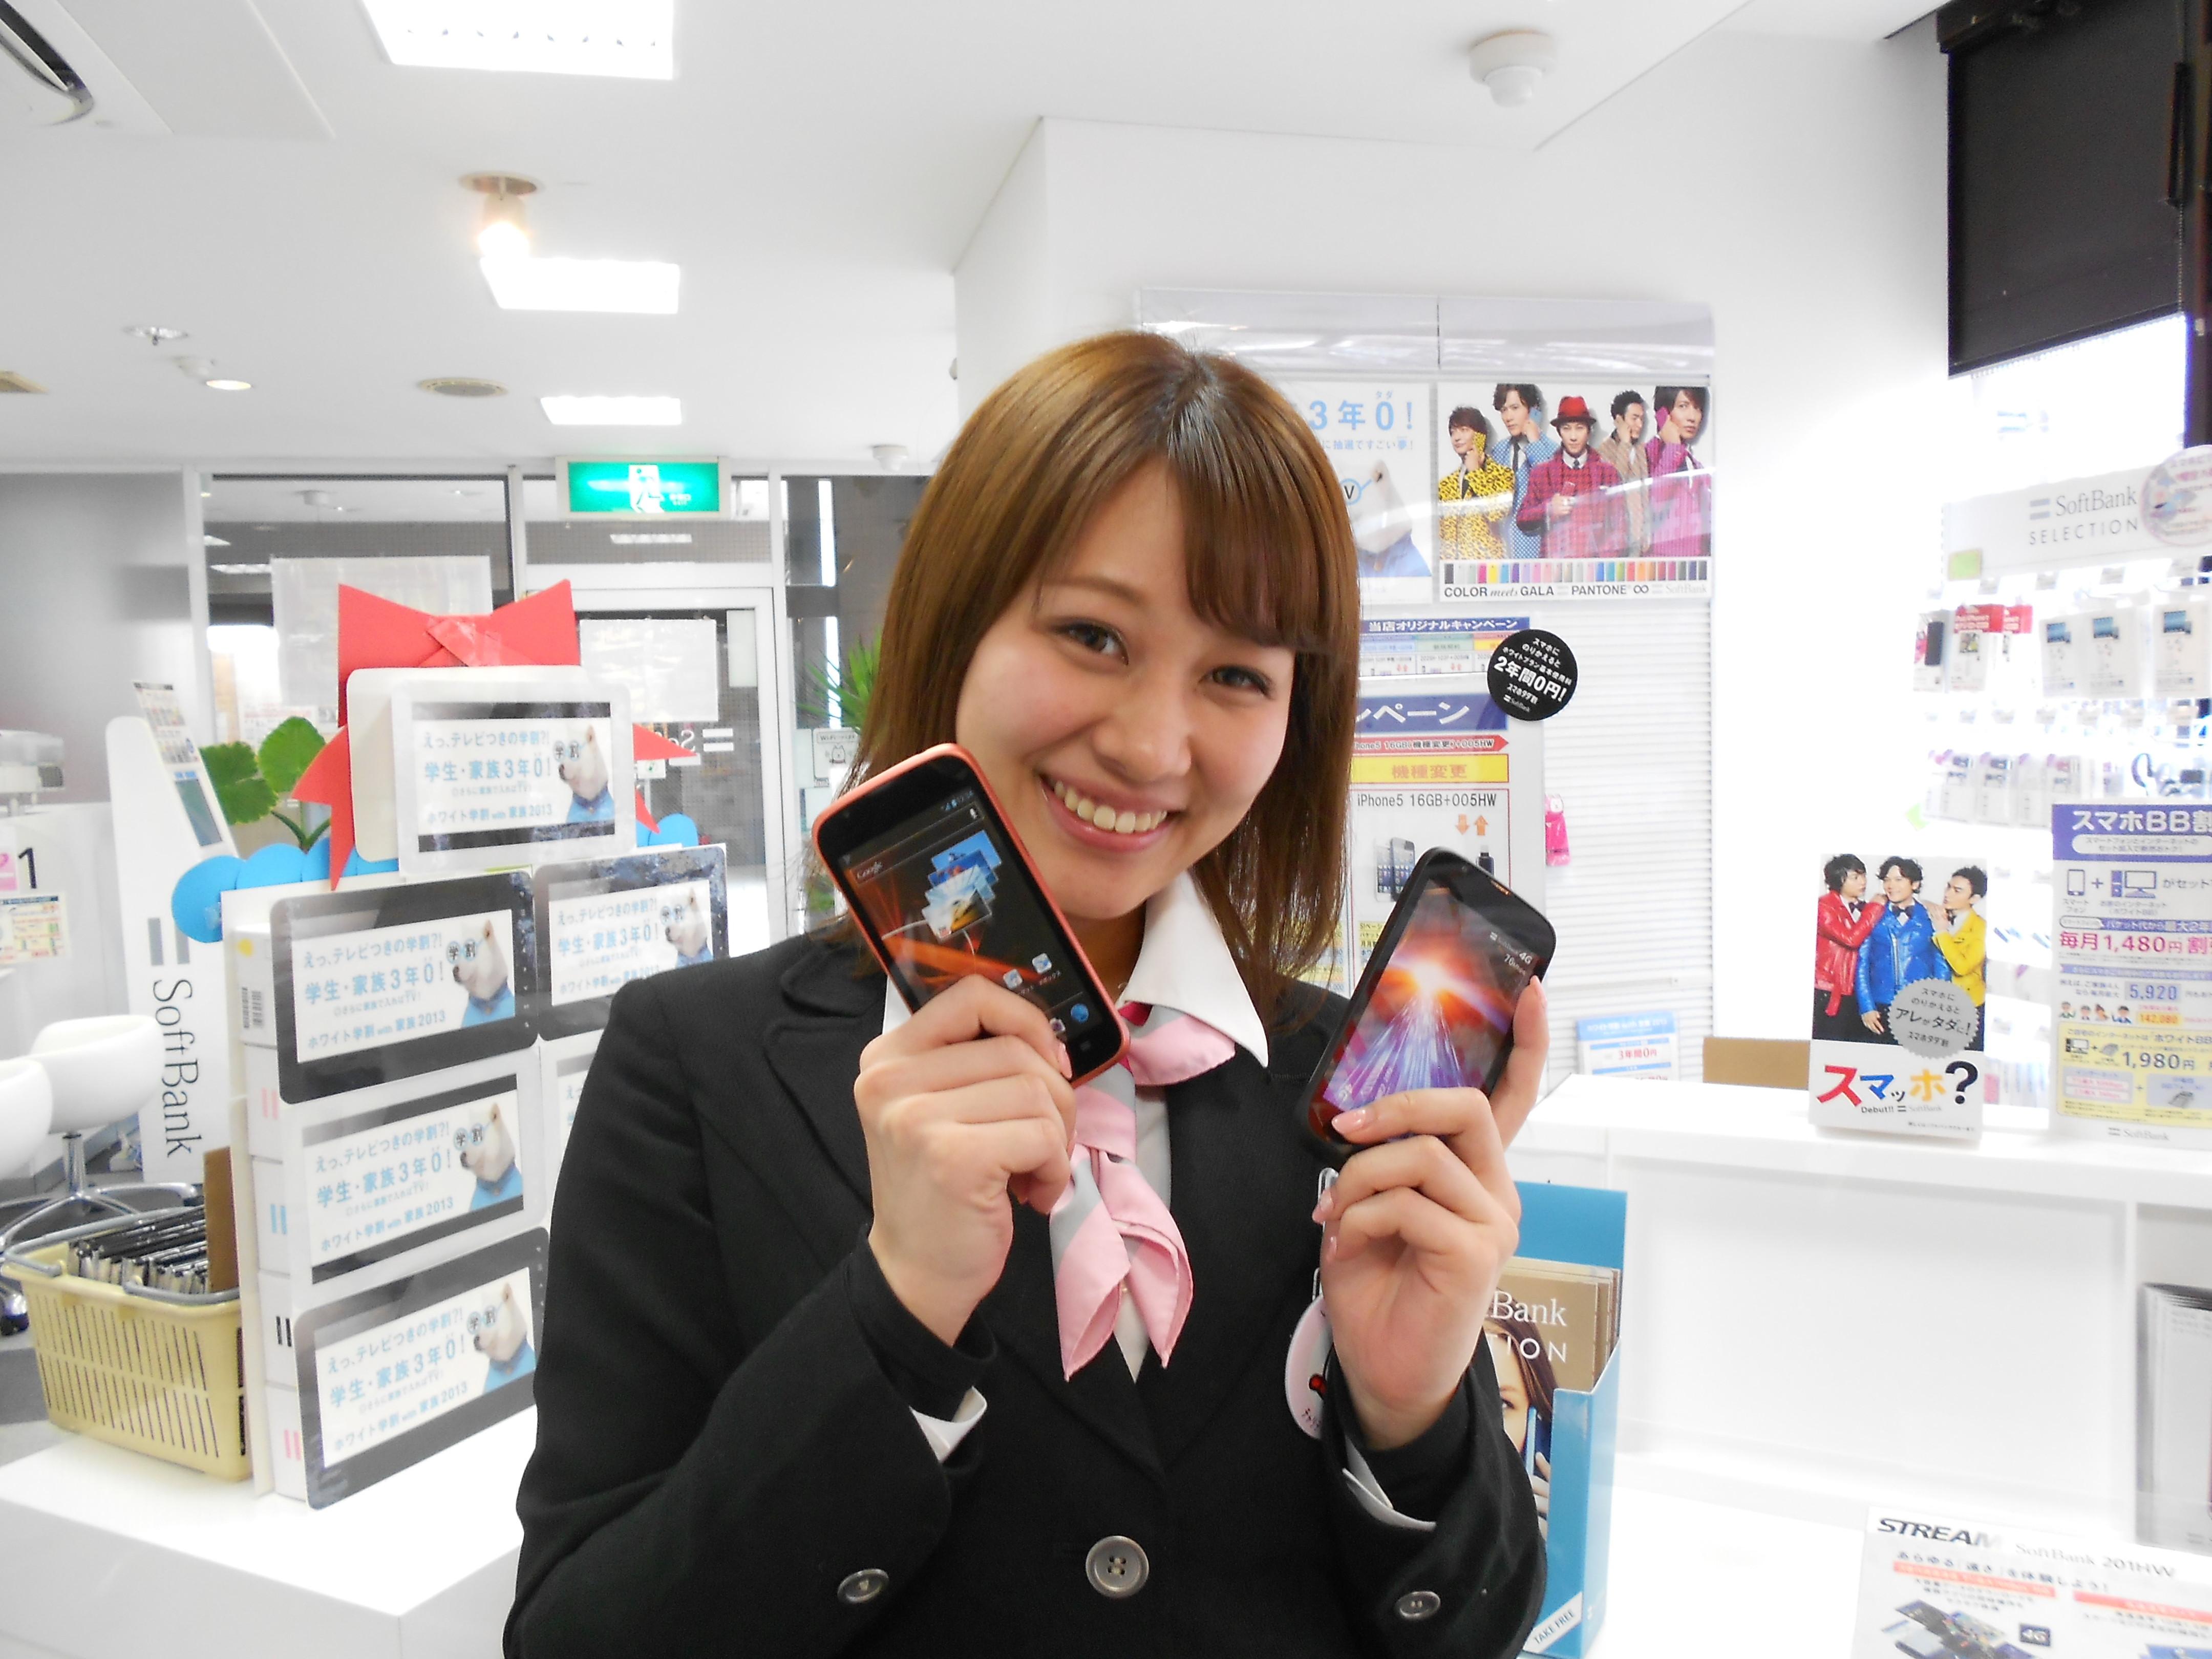 ソフトバンク イオンモール幕張新都心(株式会社シエロ)のアルバイト情報